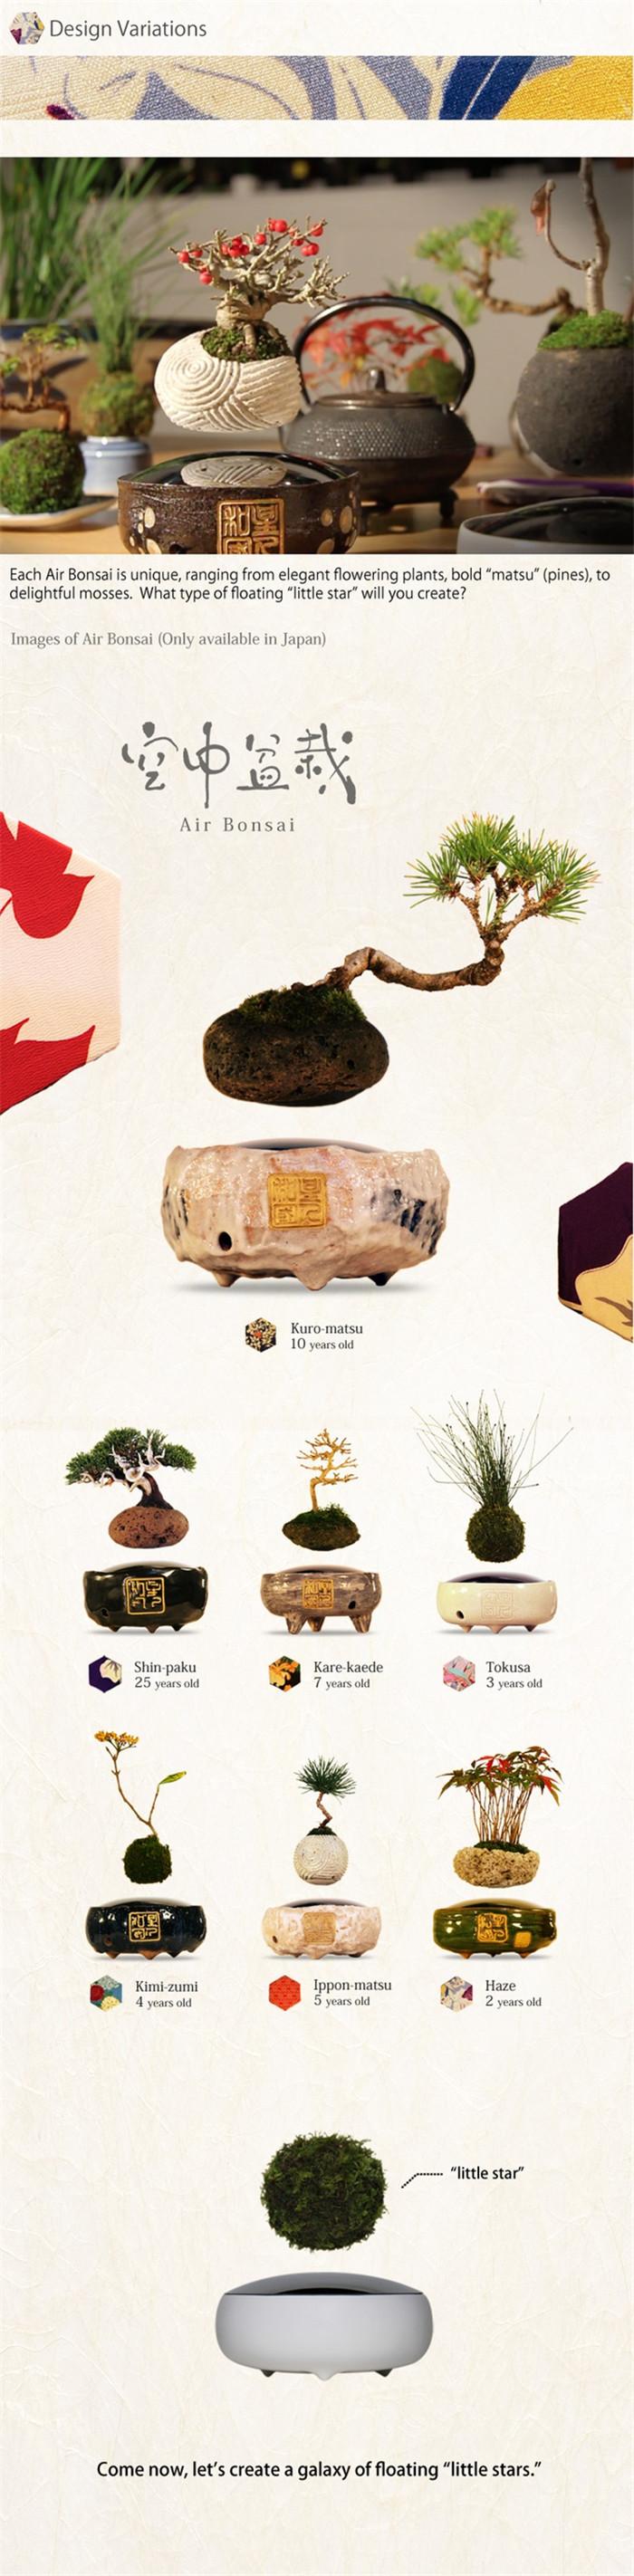 Hoshinchu-air-bonsai-hisheji (4)